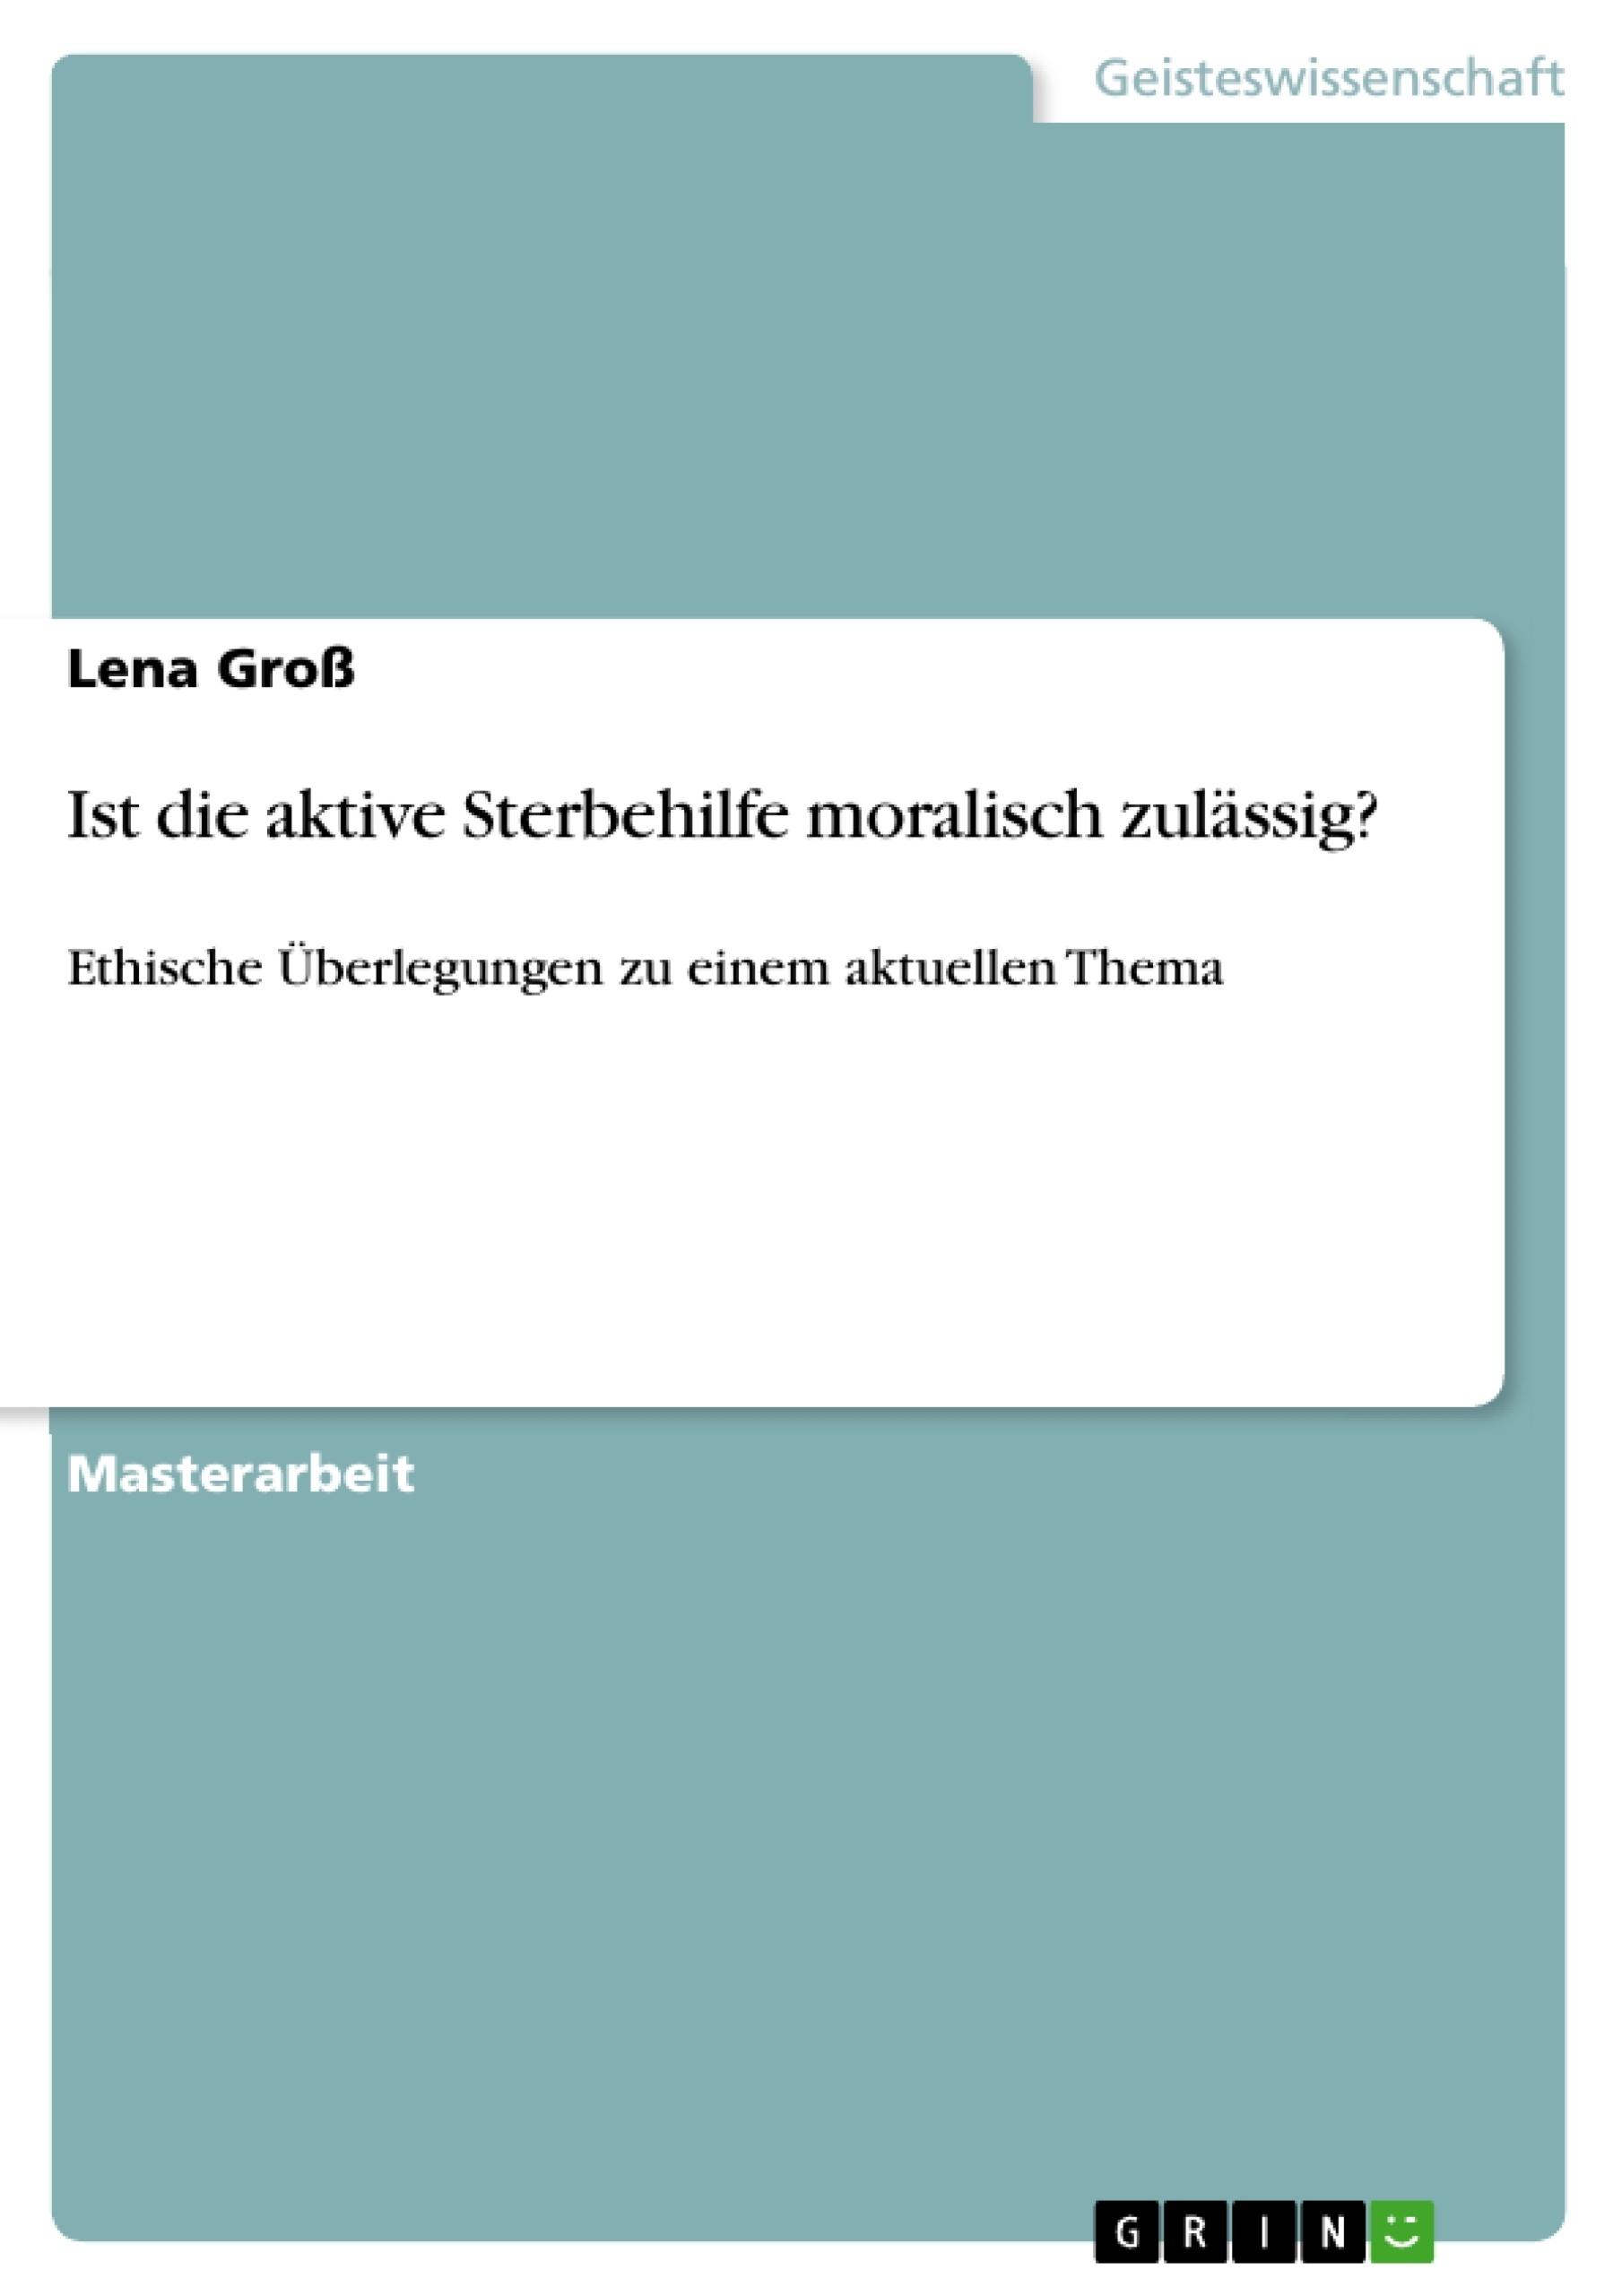 Titel: Ist die aktive Sterbehilfe moralisch zulässig?